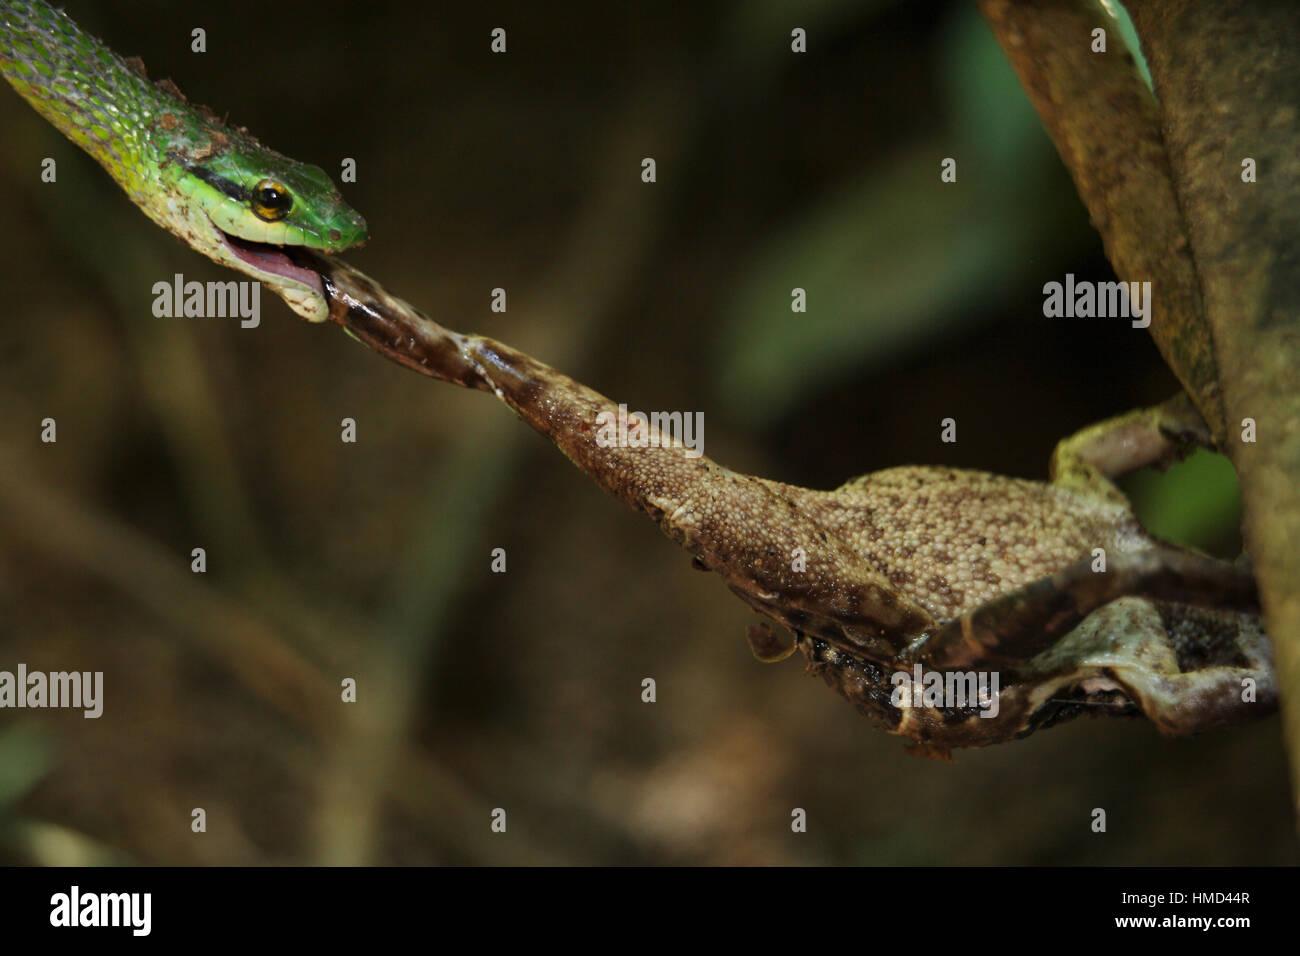 La Serpiente (Loro Verde Leptophis ahaetulla) atrapar una suave piel de sapo (Bufo haematiticus) en la orilla de Foto de stock